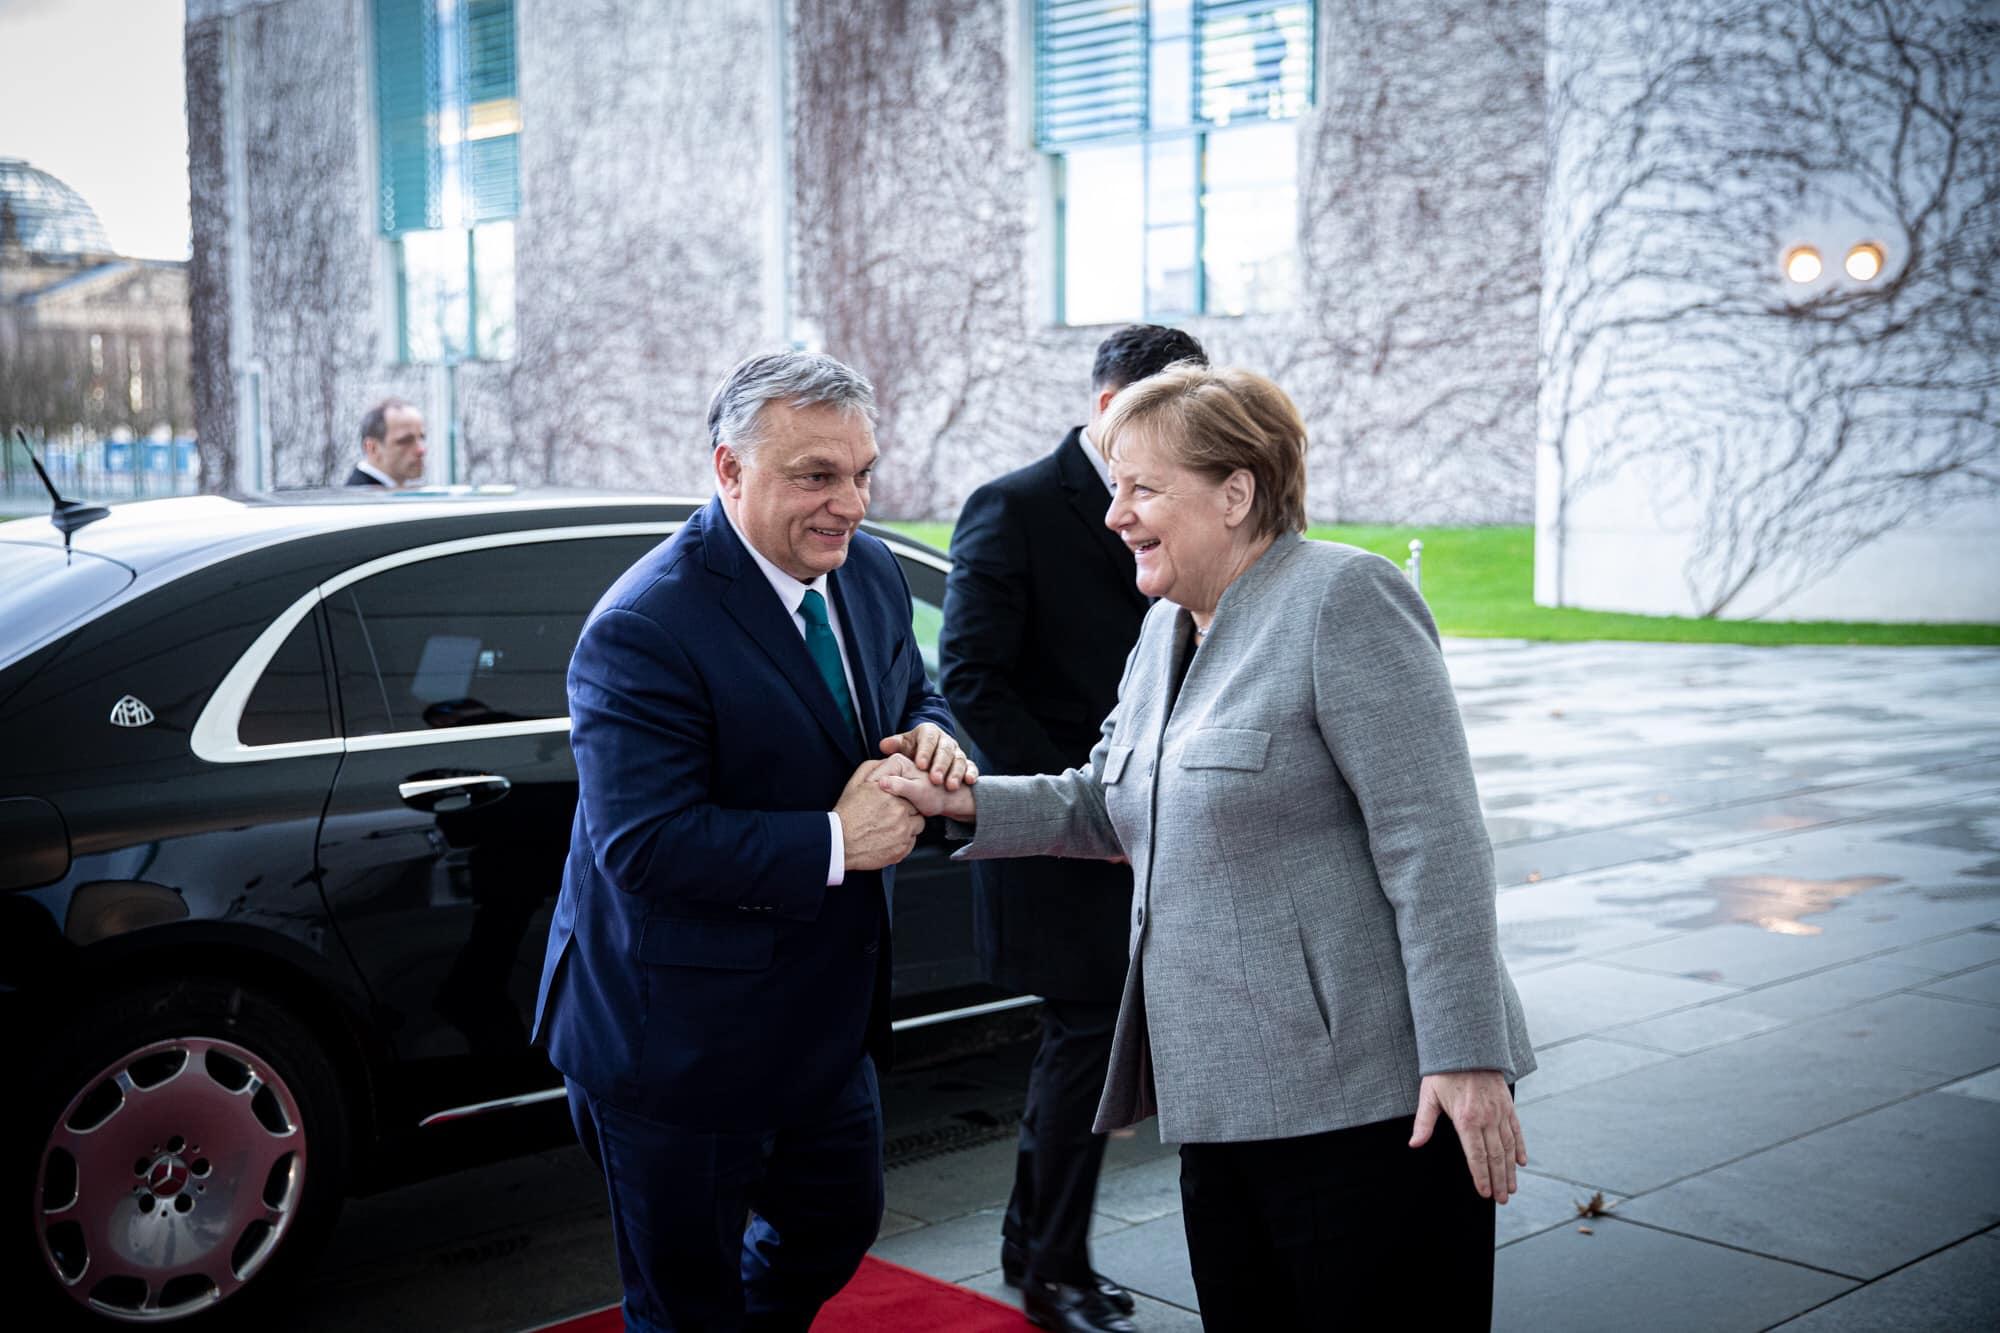 orbán merkel meeting